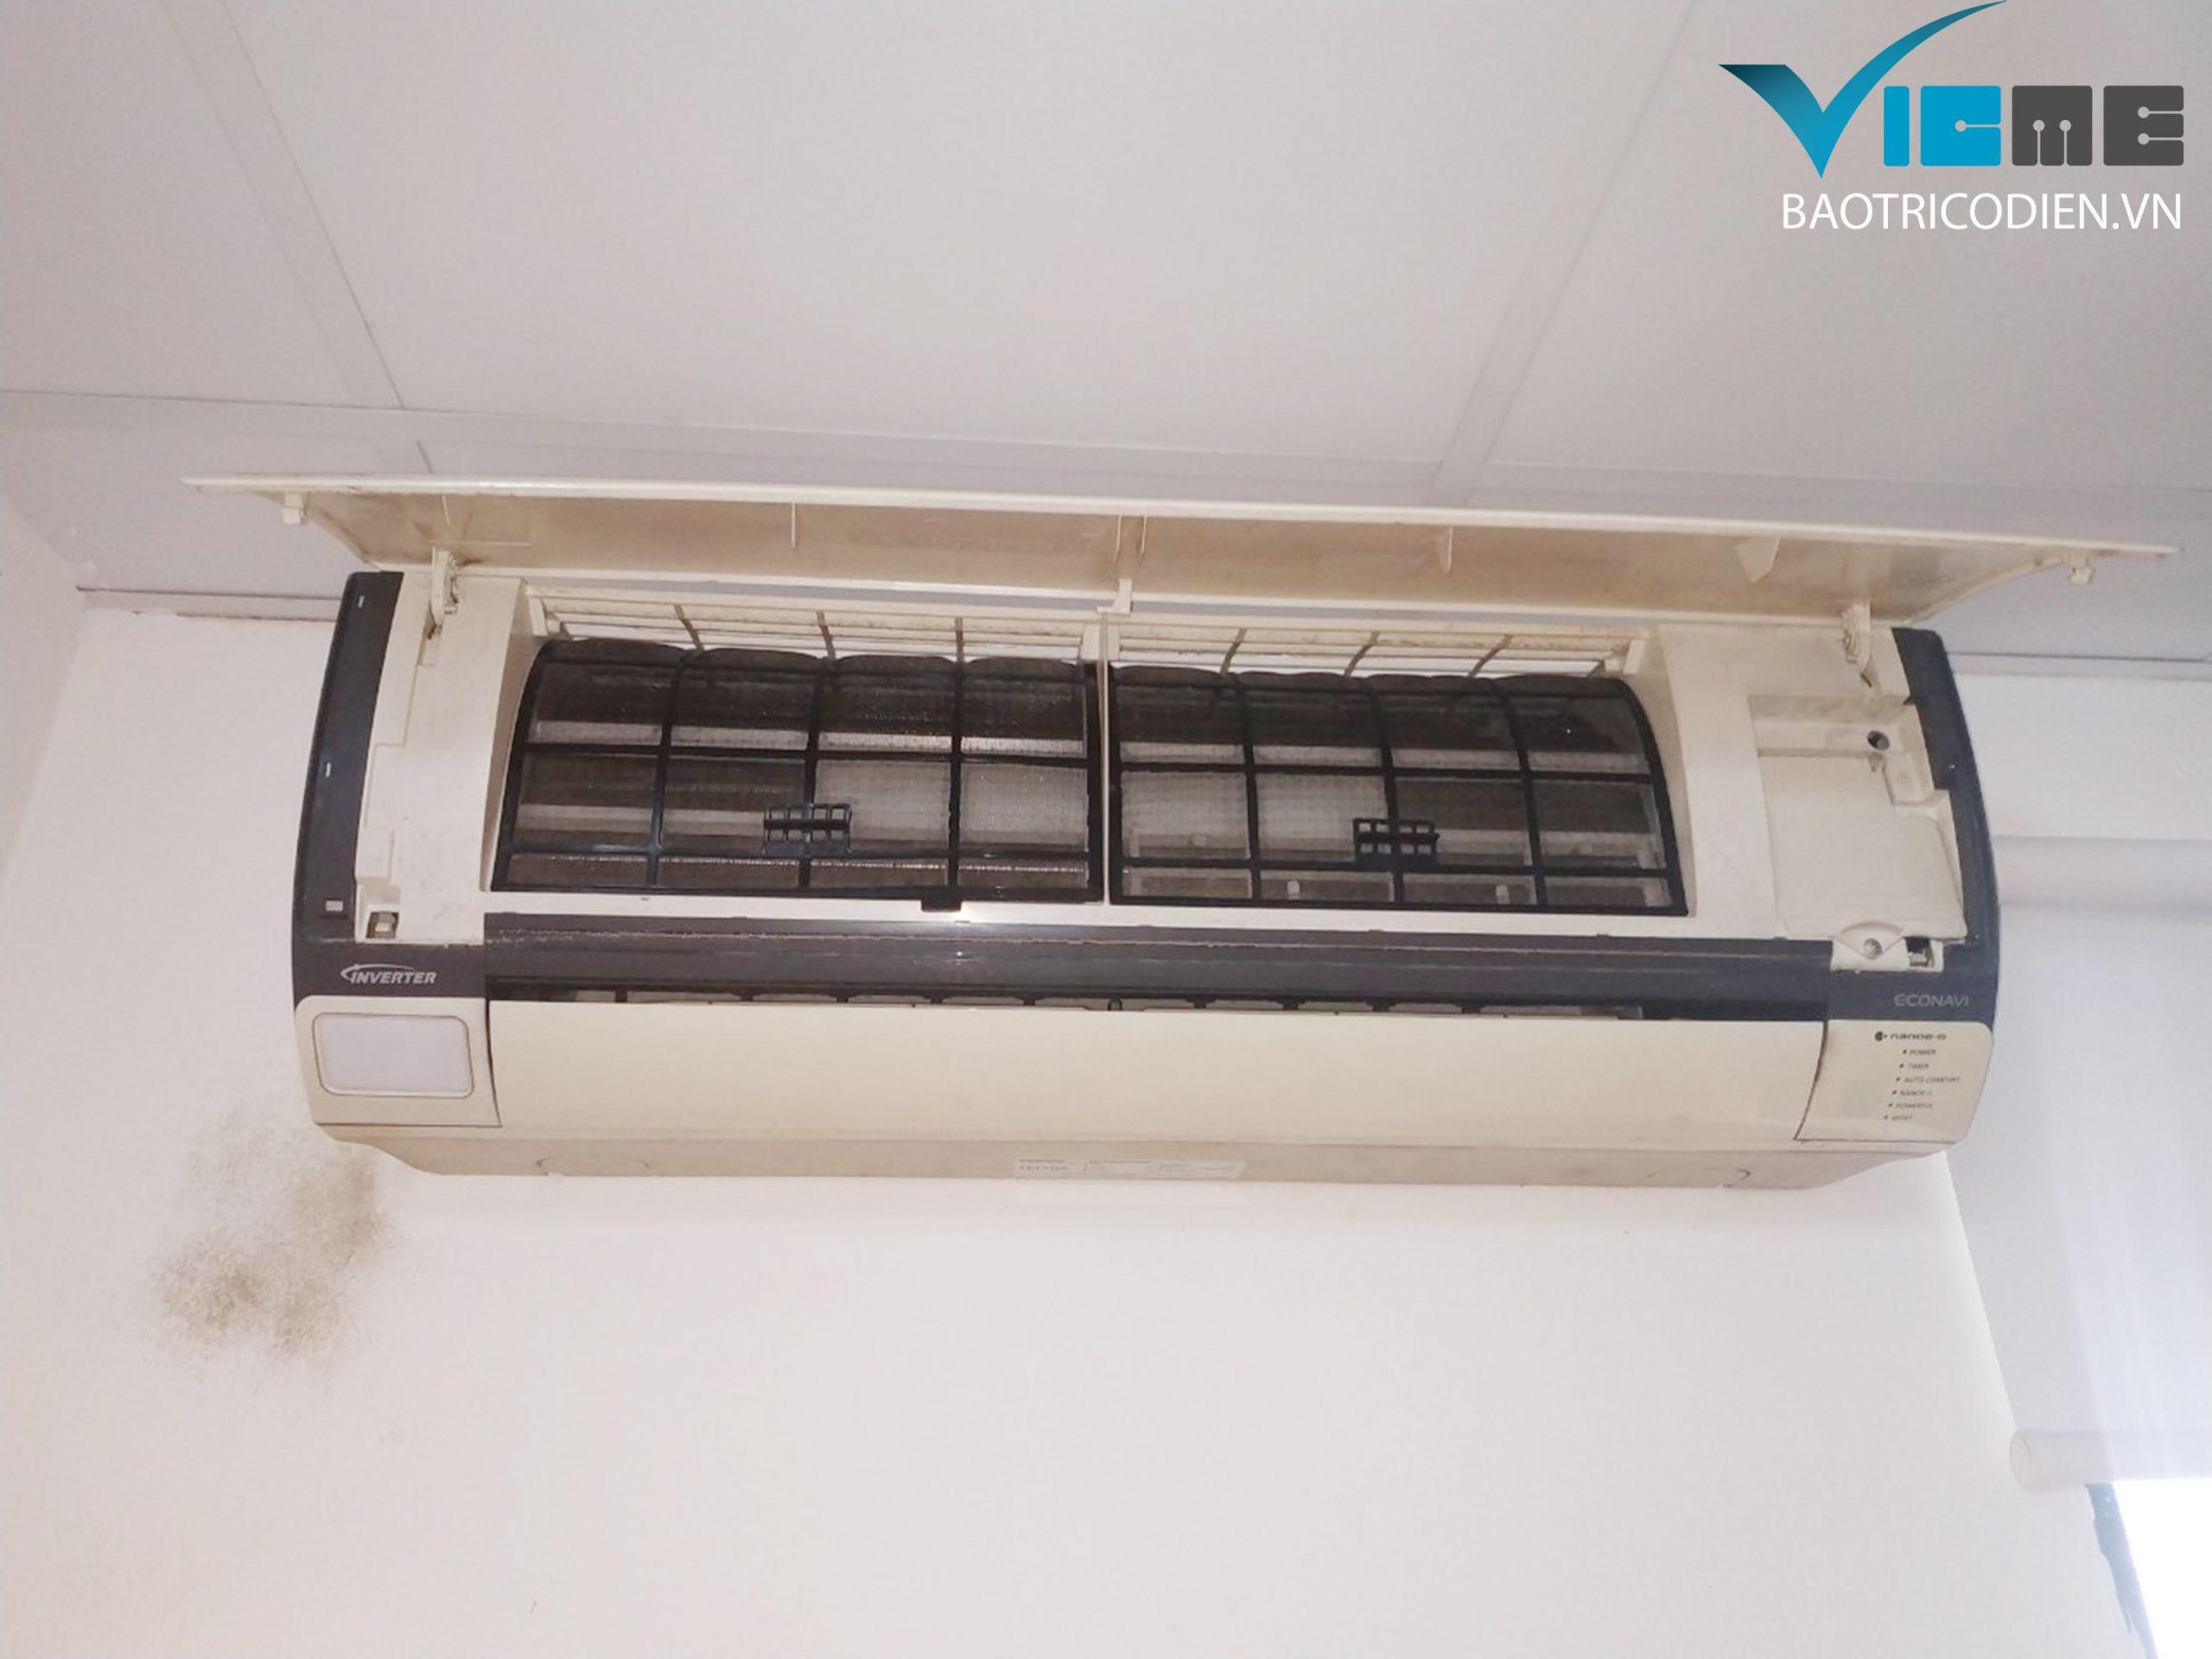 Quy trình bảo dưỡng điều hòa không khí